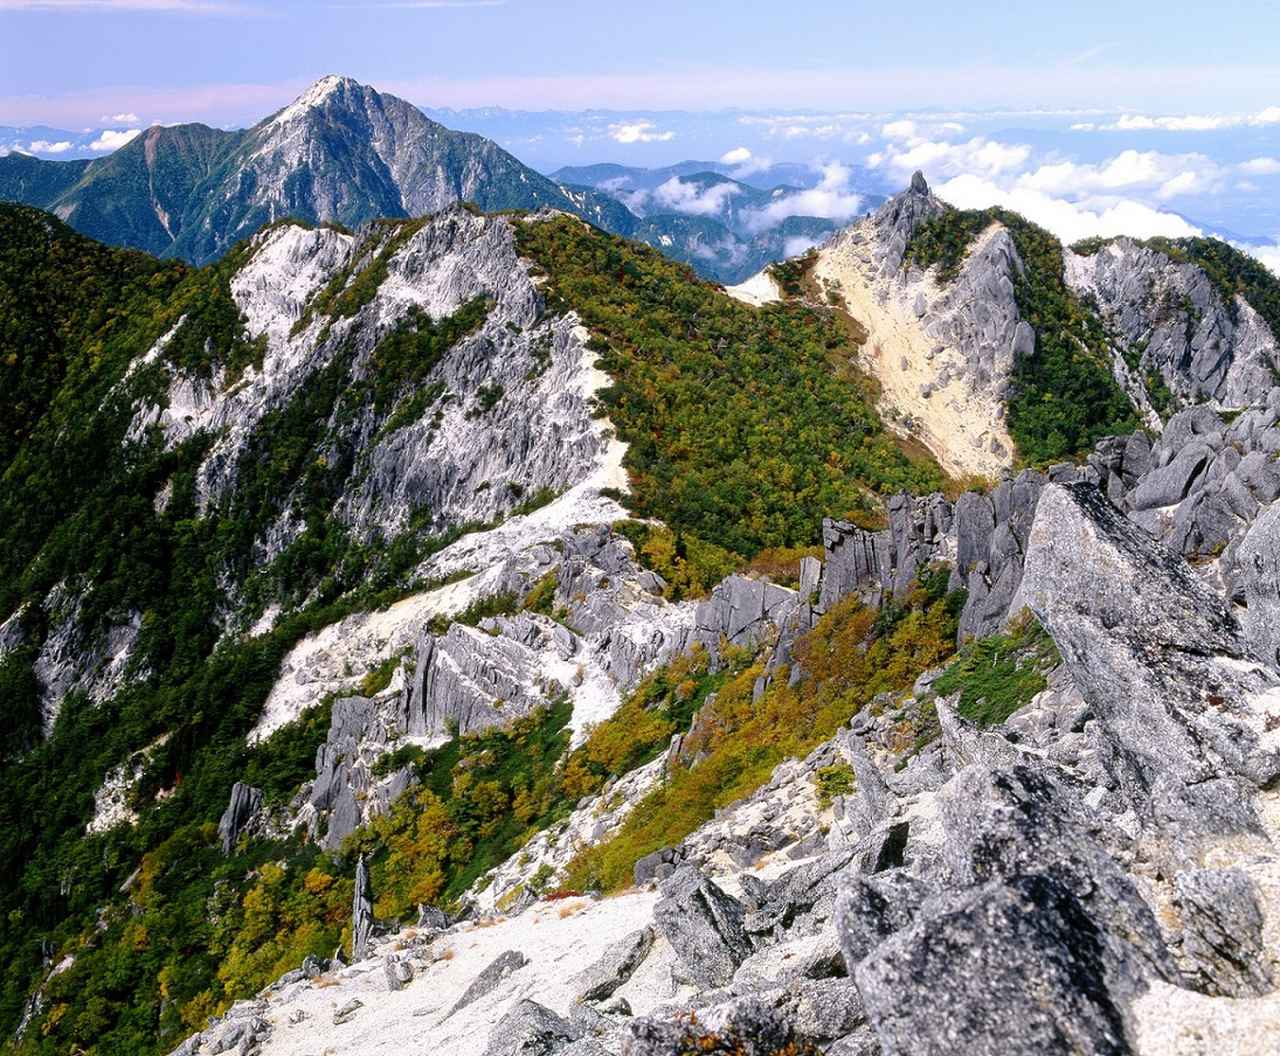 画像: 地蔵岳(右)と甲斐駒ヶ岳(左奥)を眺める(イメージ)